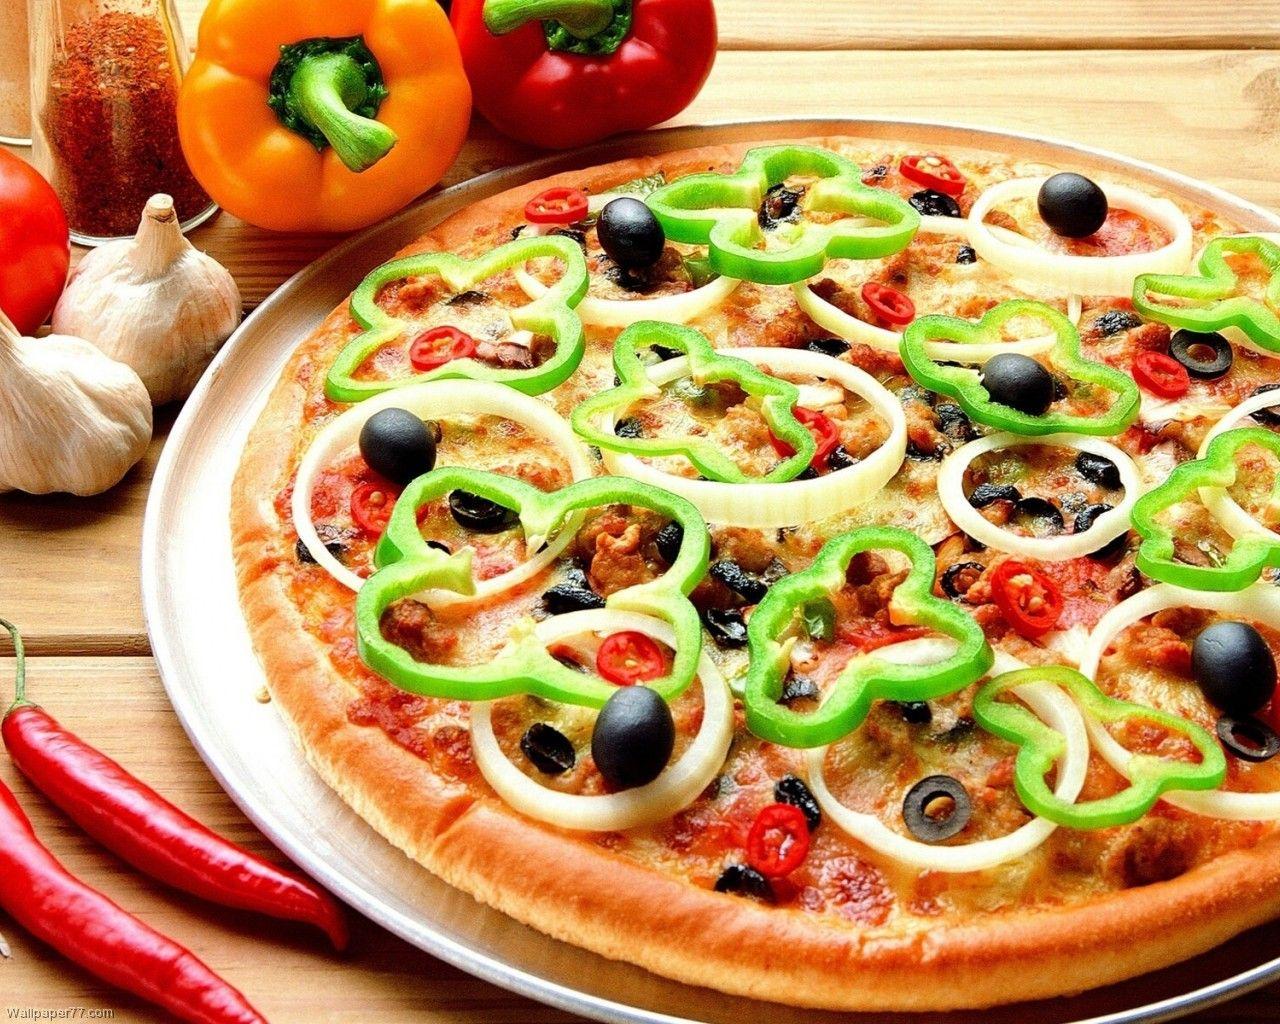 Một số hoạt động thường ngày tiêu hóa bao nhiêu calo từ thức ăn nhanh - http://www.blogtamtrang.vn/mot-hoat-dong-thuong-ngay-tieu-hoa-bao-nhieu-calo-tu-thuc-nhanh/